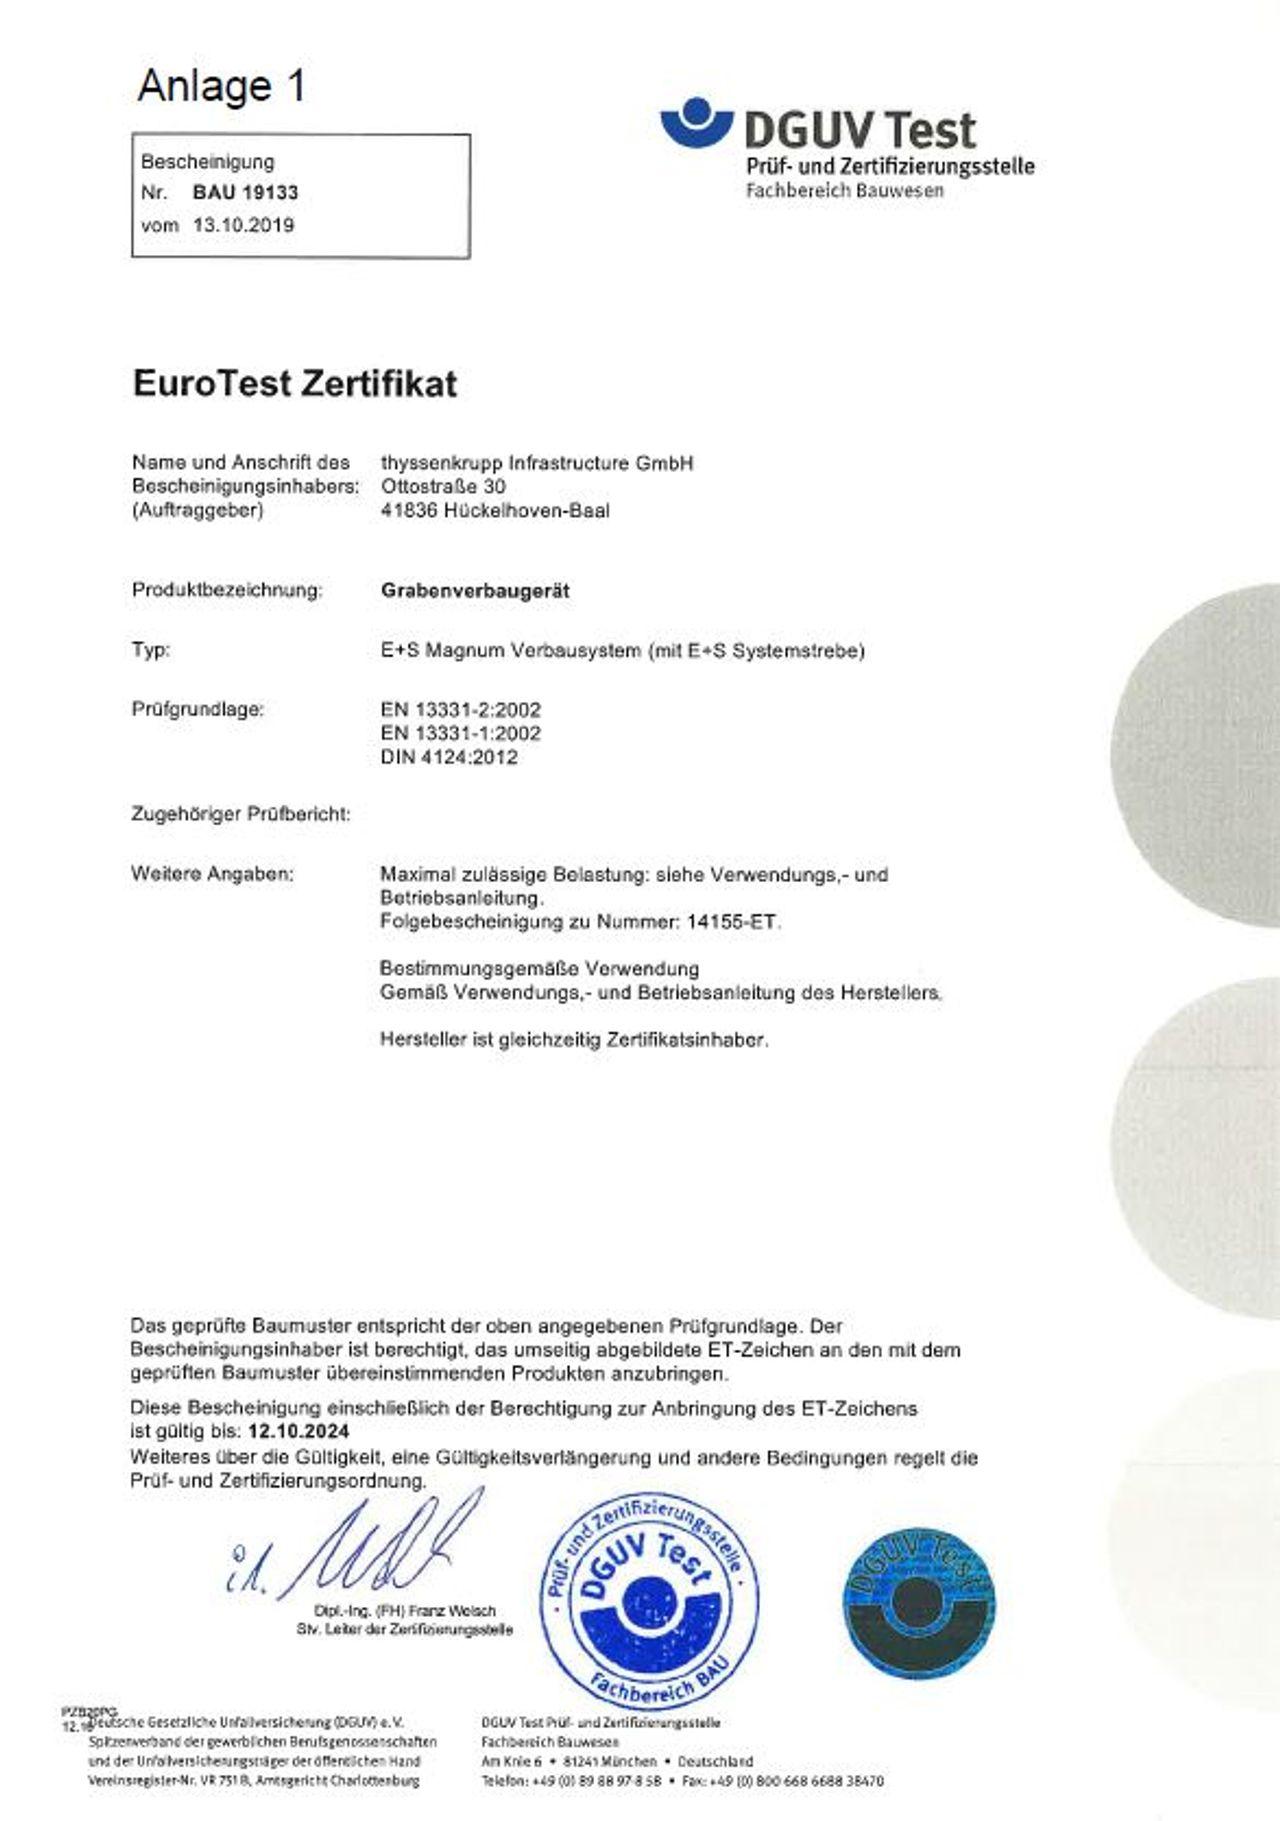 PDF Pruefbescheinigung Magnumverbau